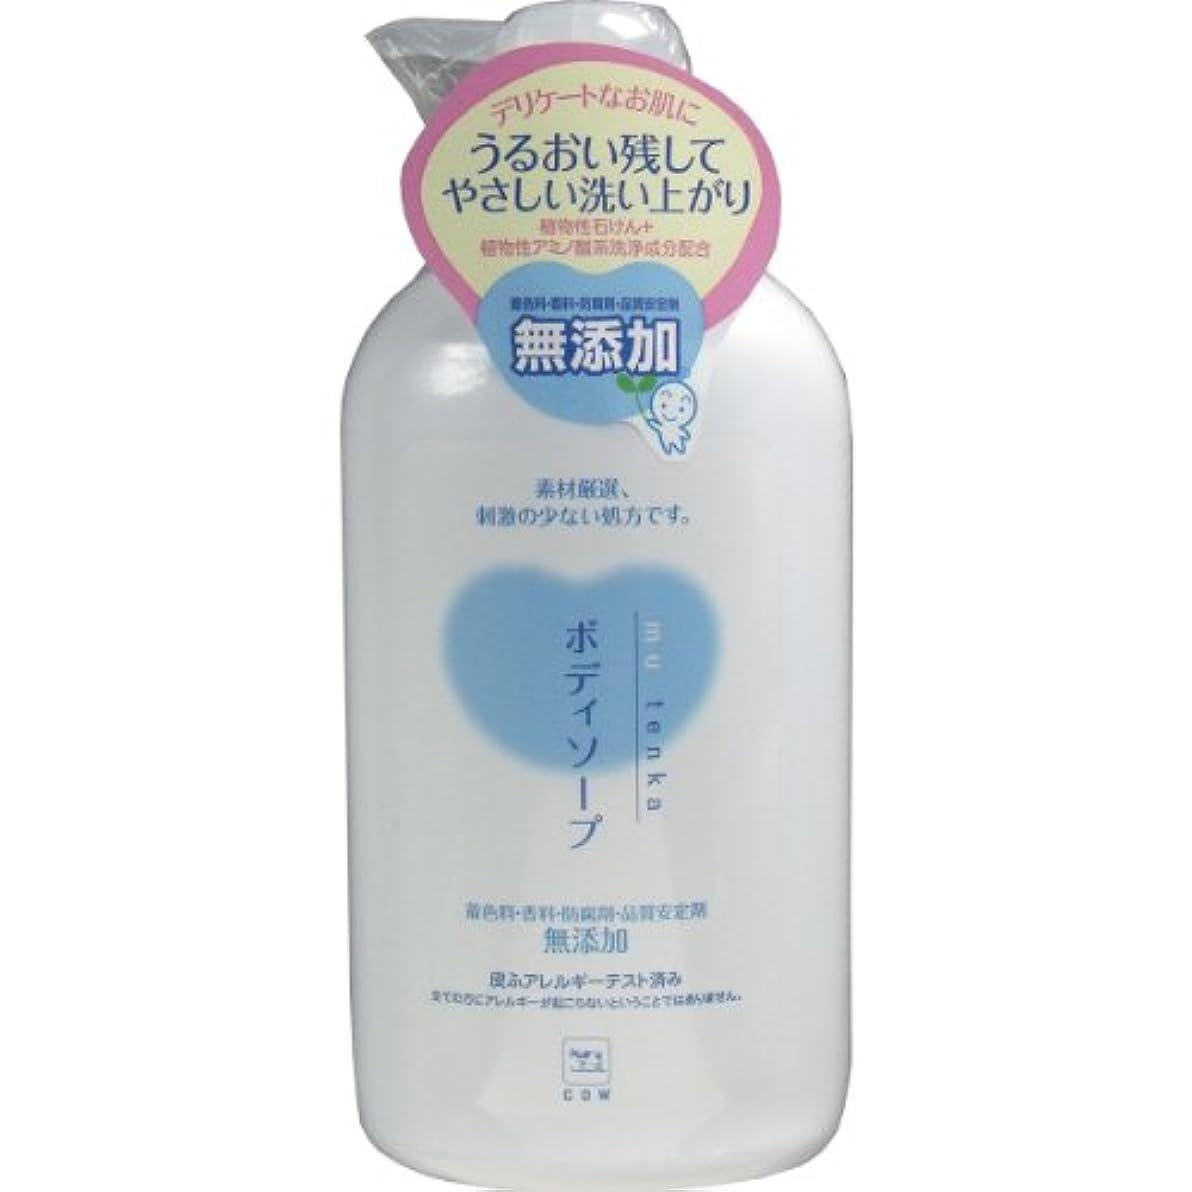 ハイジャックである試用牛乳石鹸共進社 カウブランド 無添加ボディソープ ポンプ 550ml 本体 ×12点セット (4901525929707)